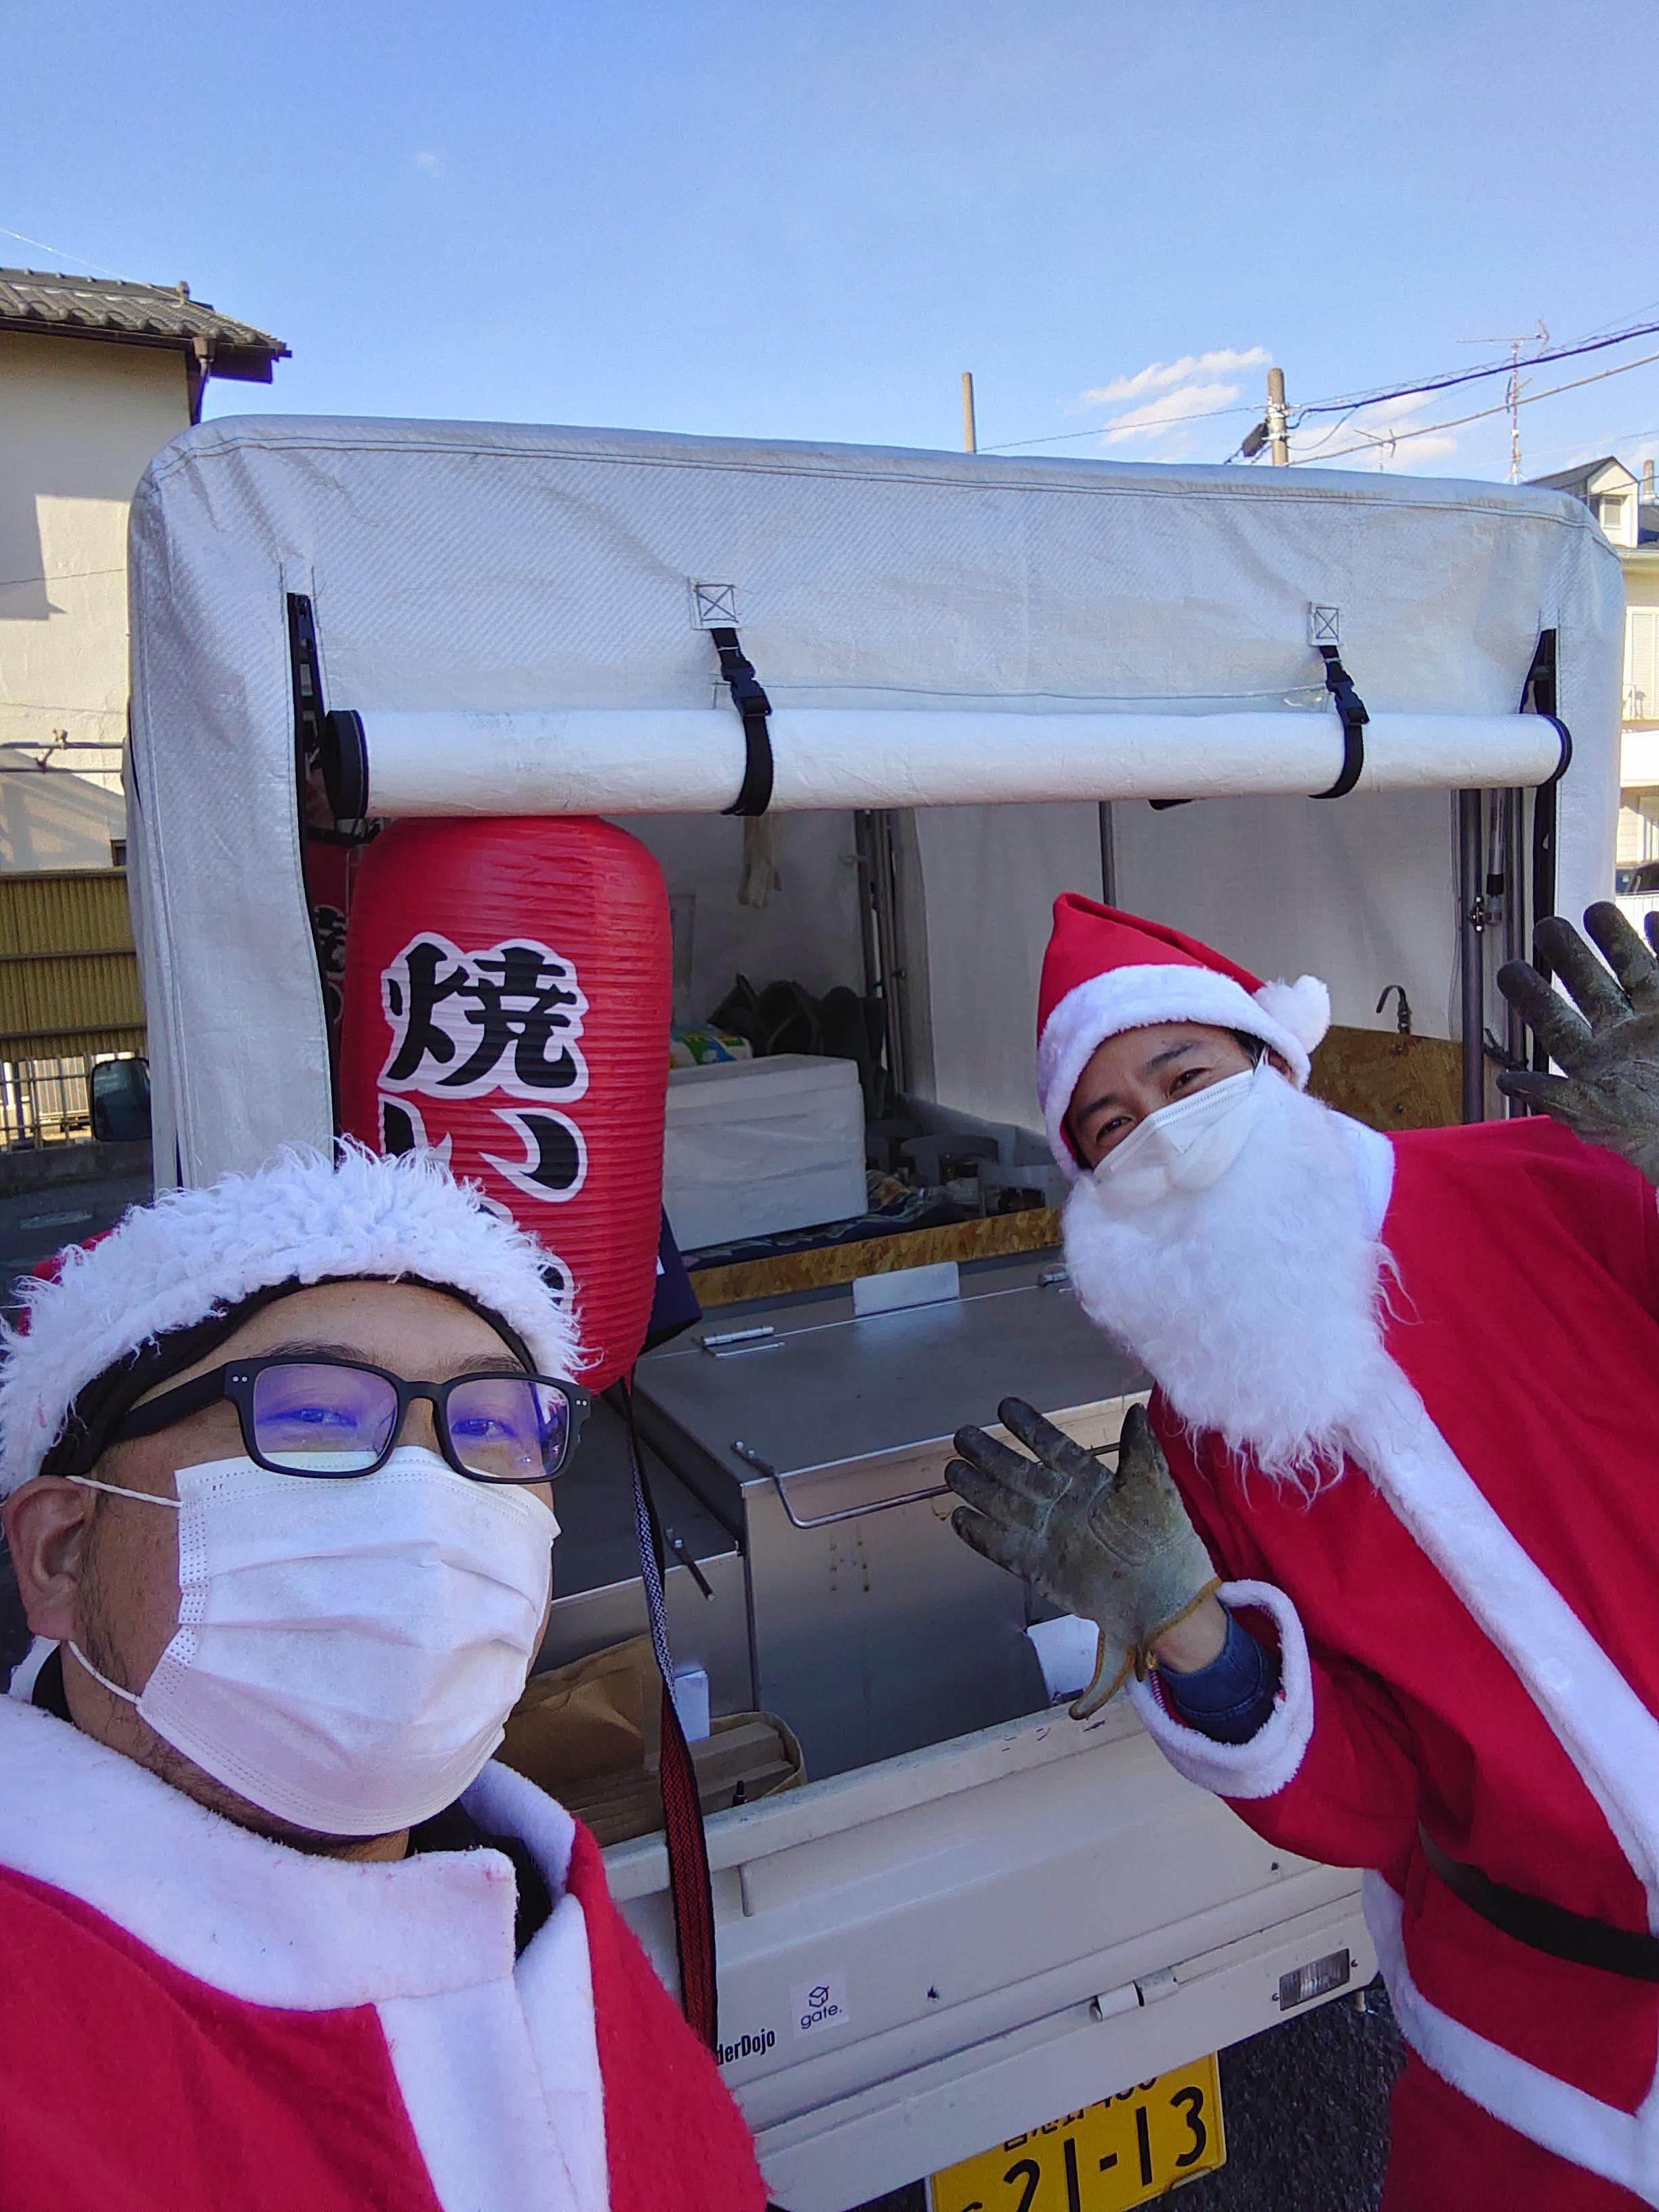 大掃除からの忘年会 そしてメリークリスマス♪